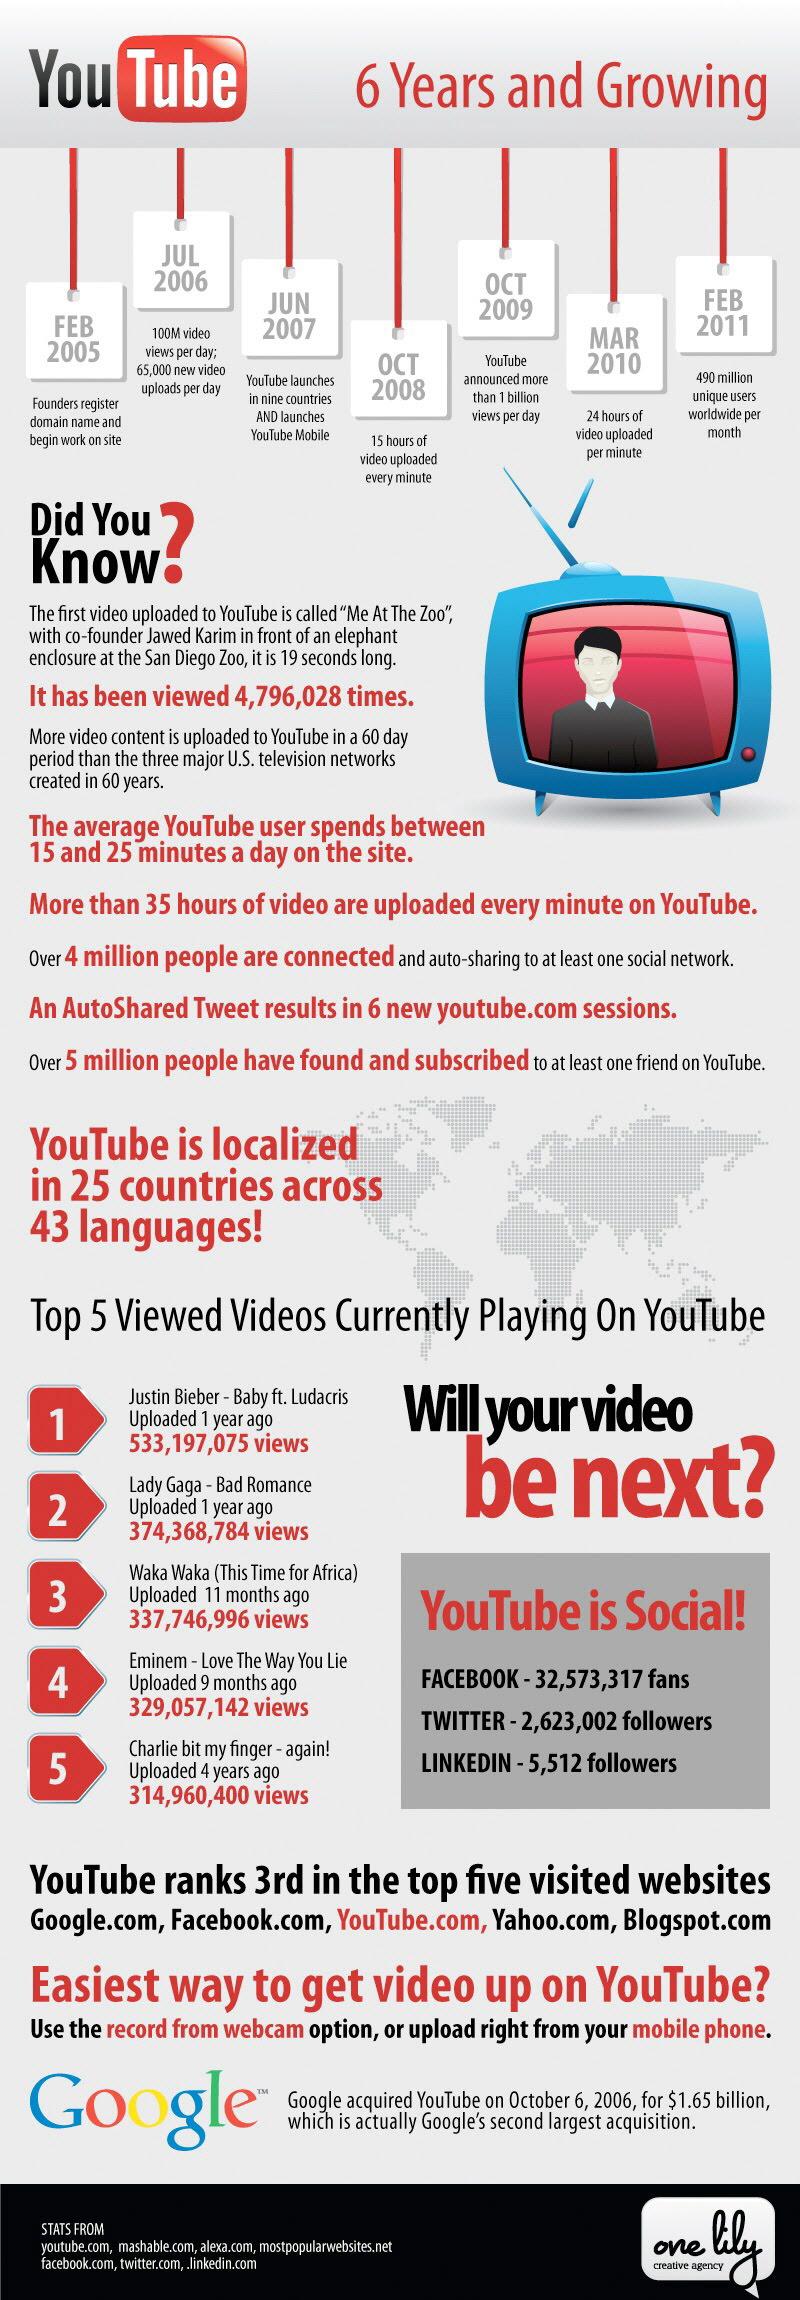 YouTube'un 6 Yılda Gelişimi